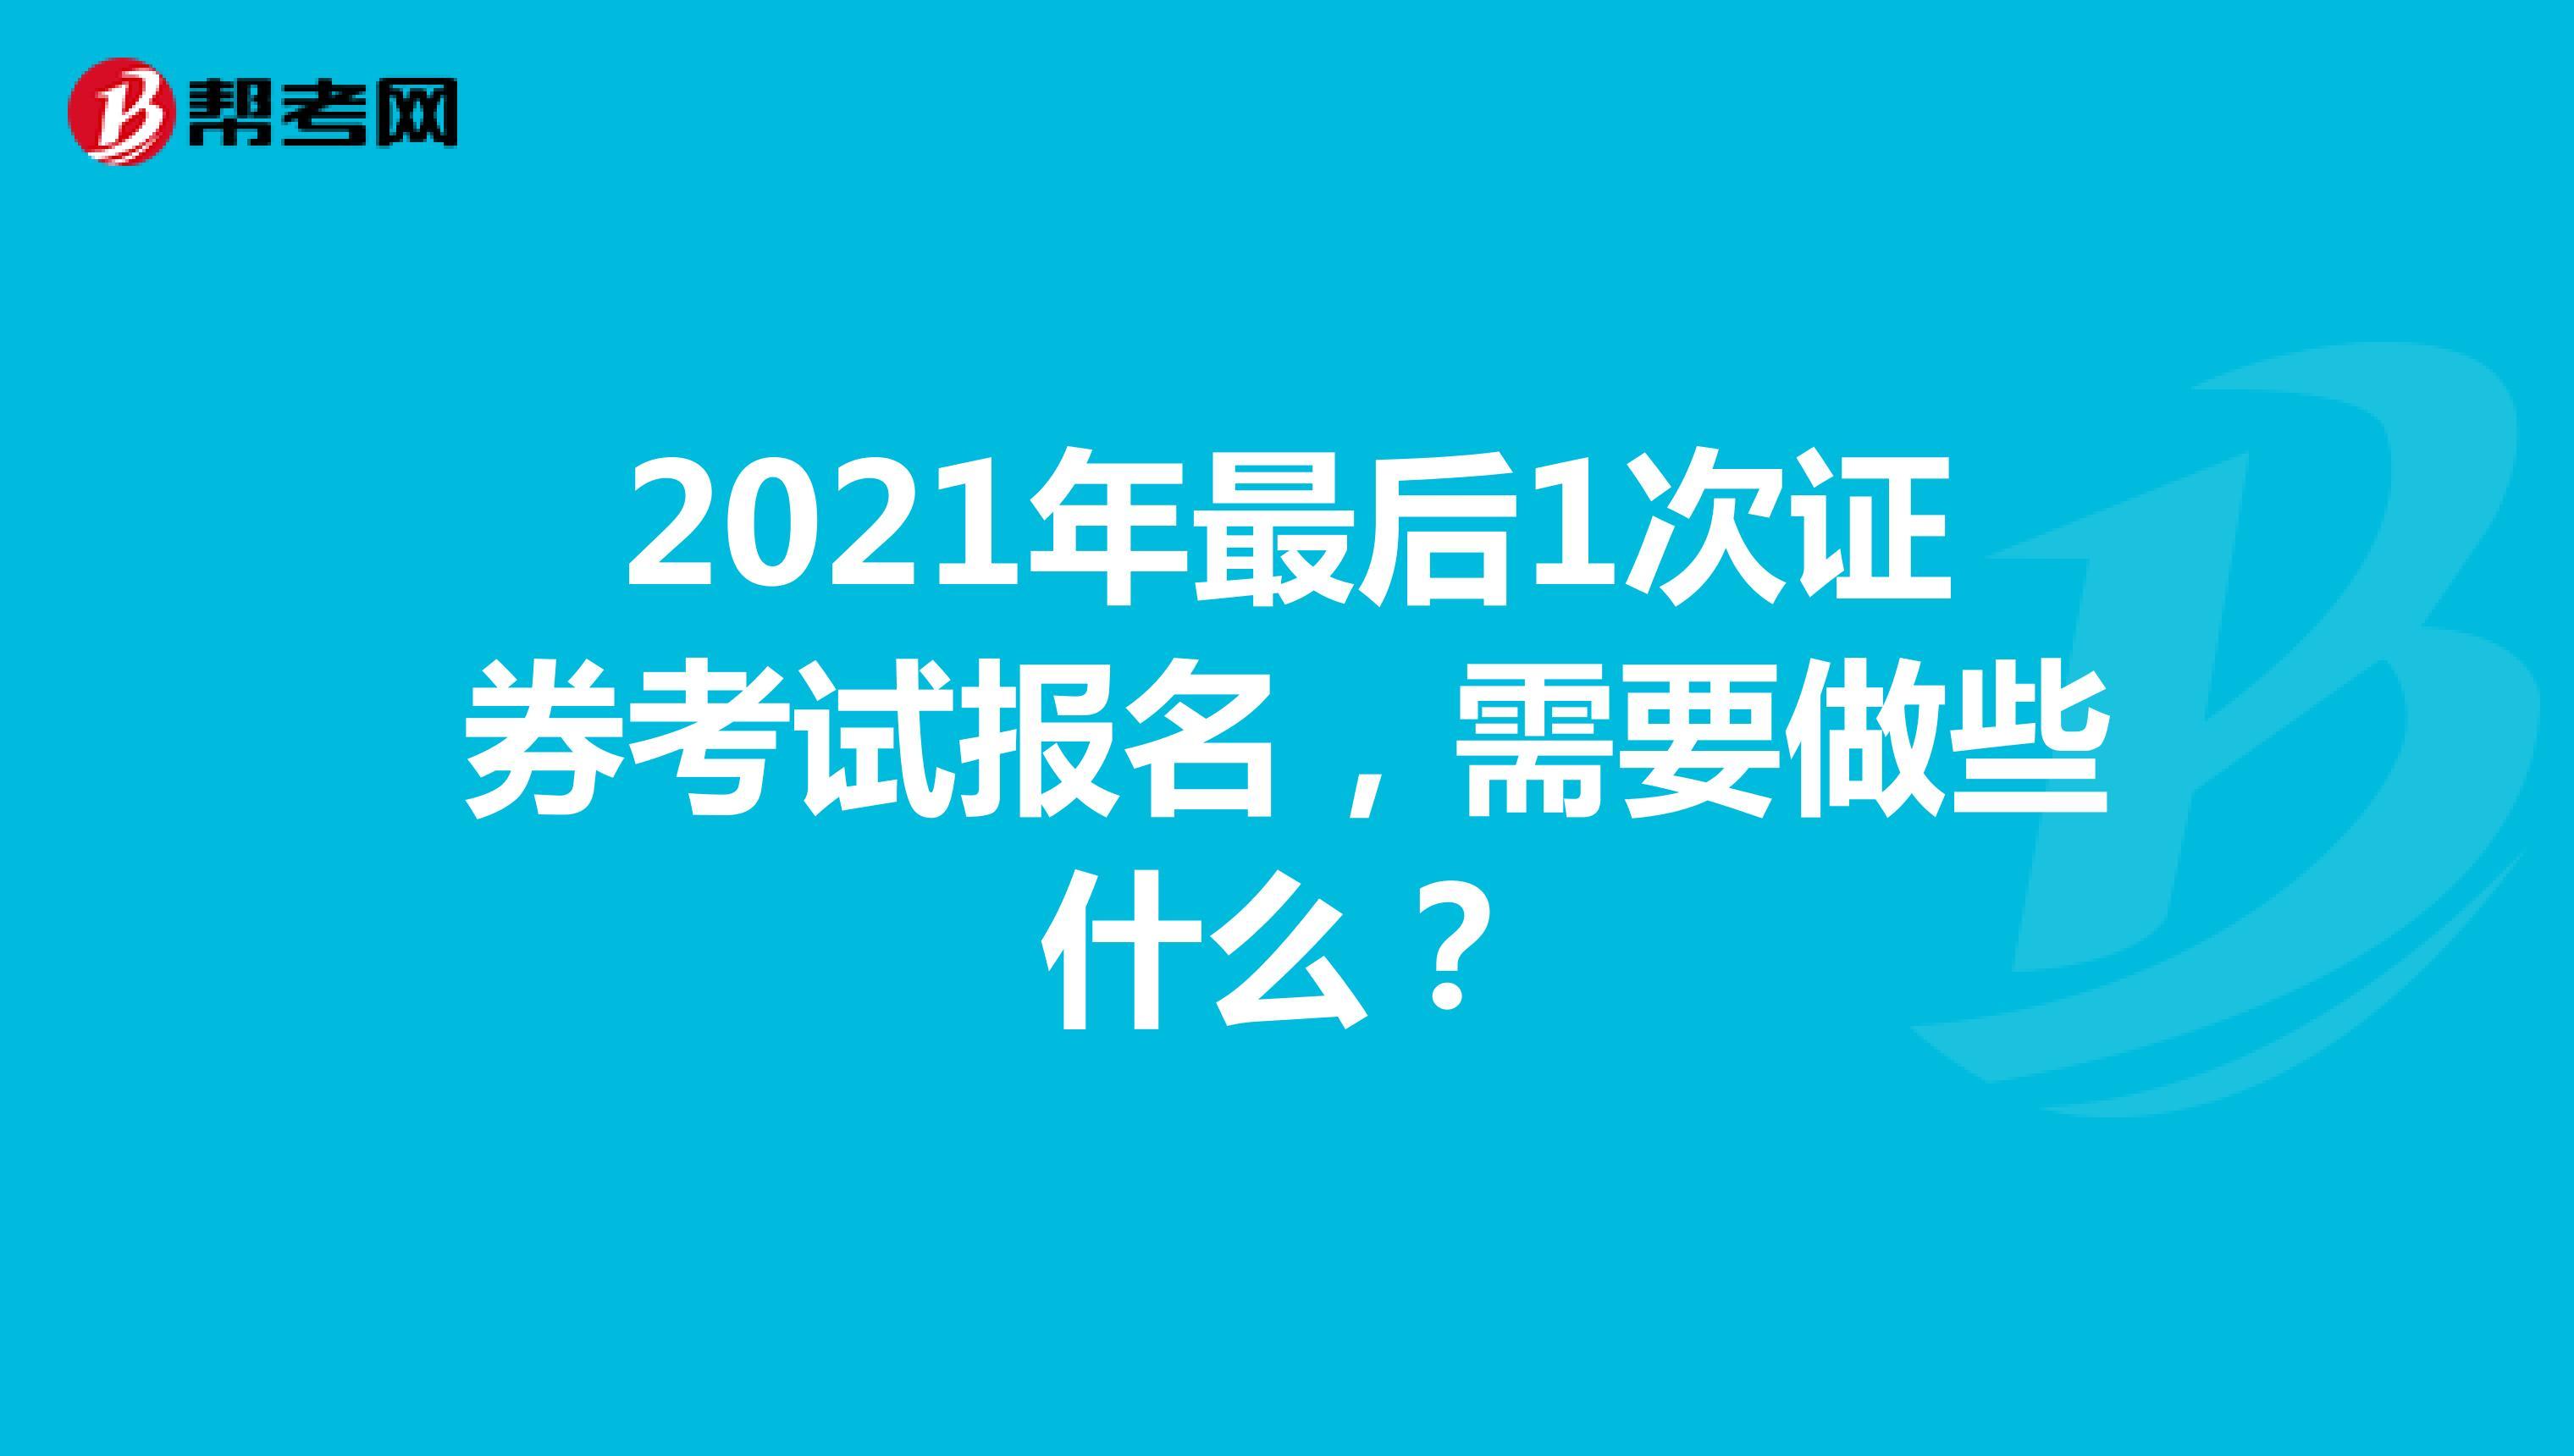 2021年最后1次证券考试报名,需要做些什么?